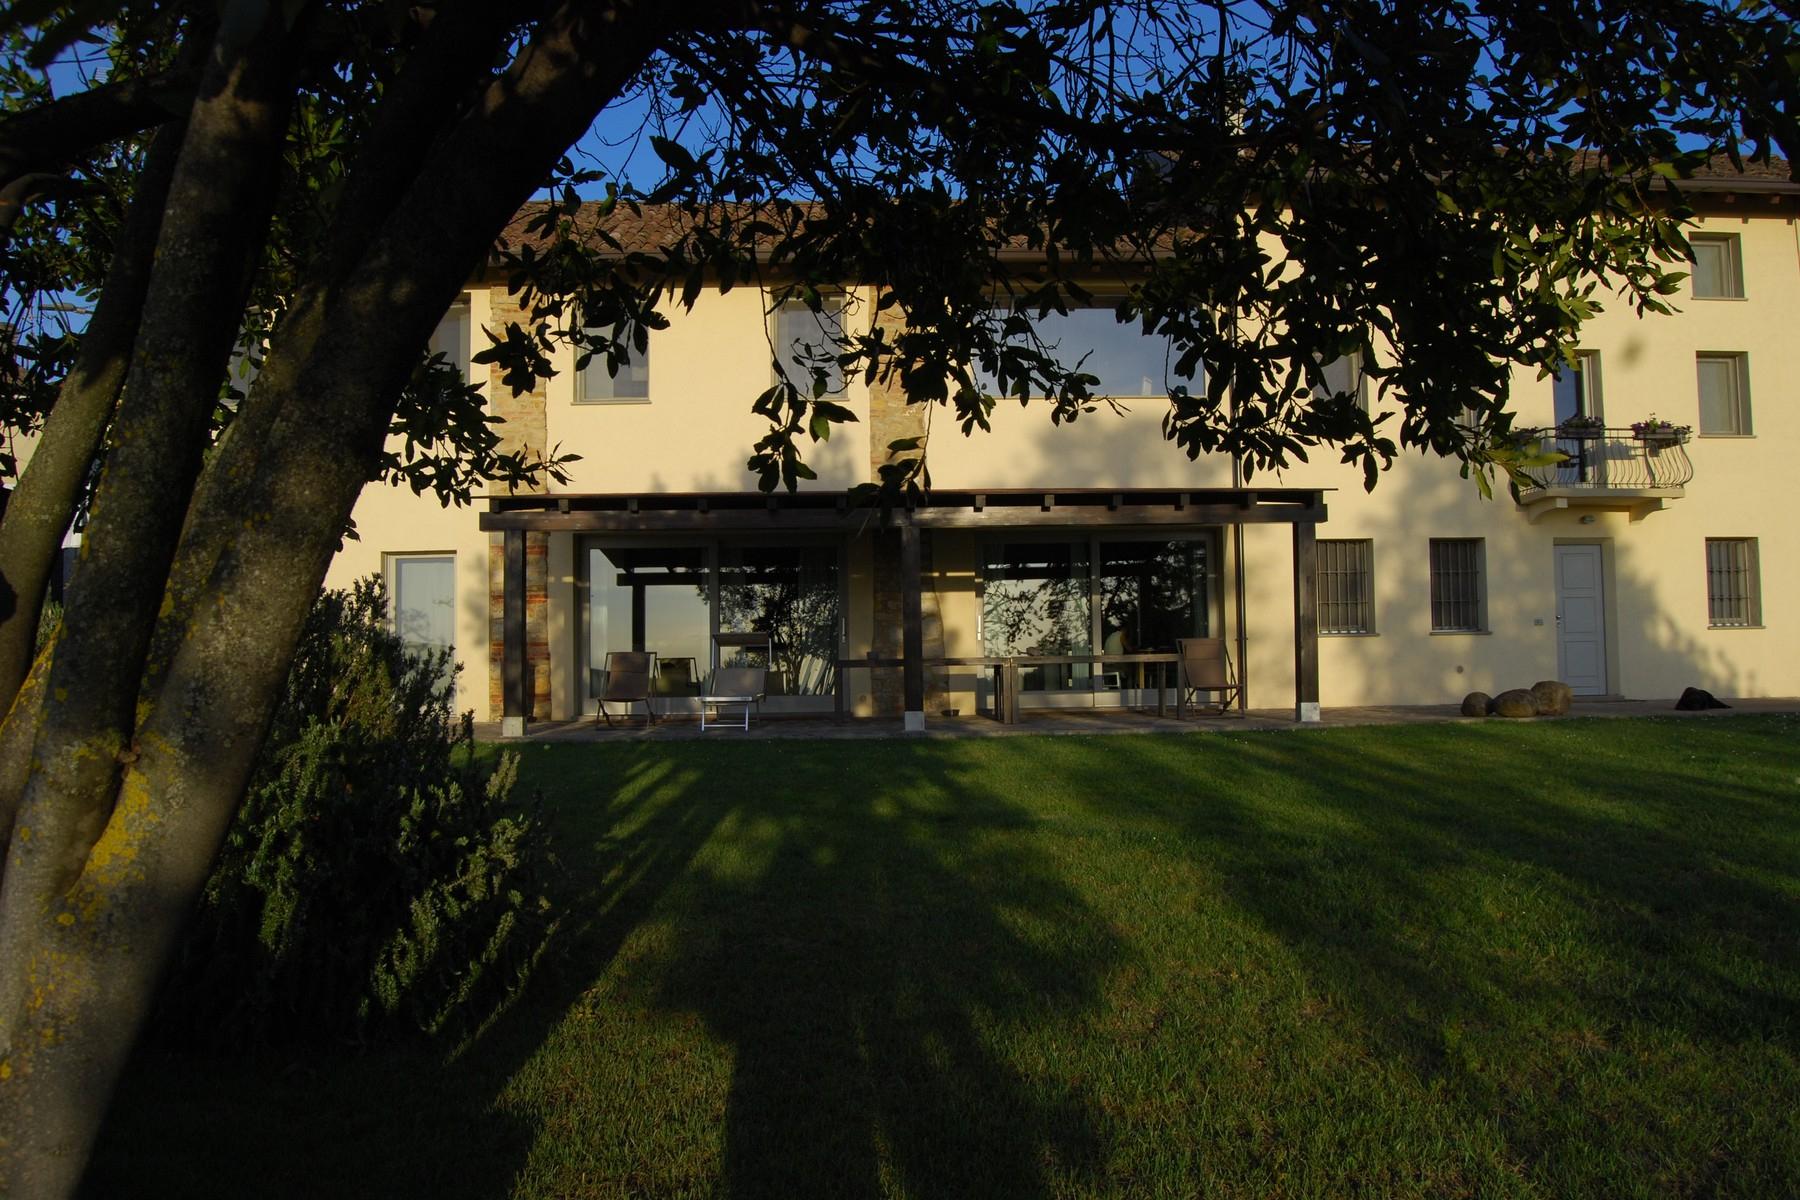 Rustico in Vendita a Montemarzino: 5 locali, 300 mq